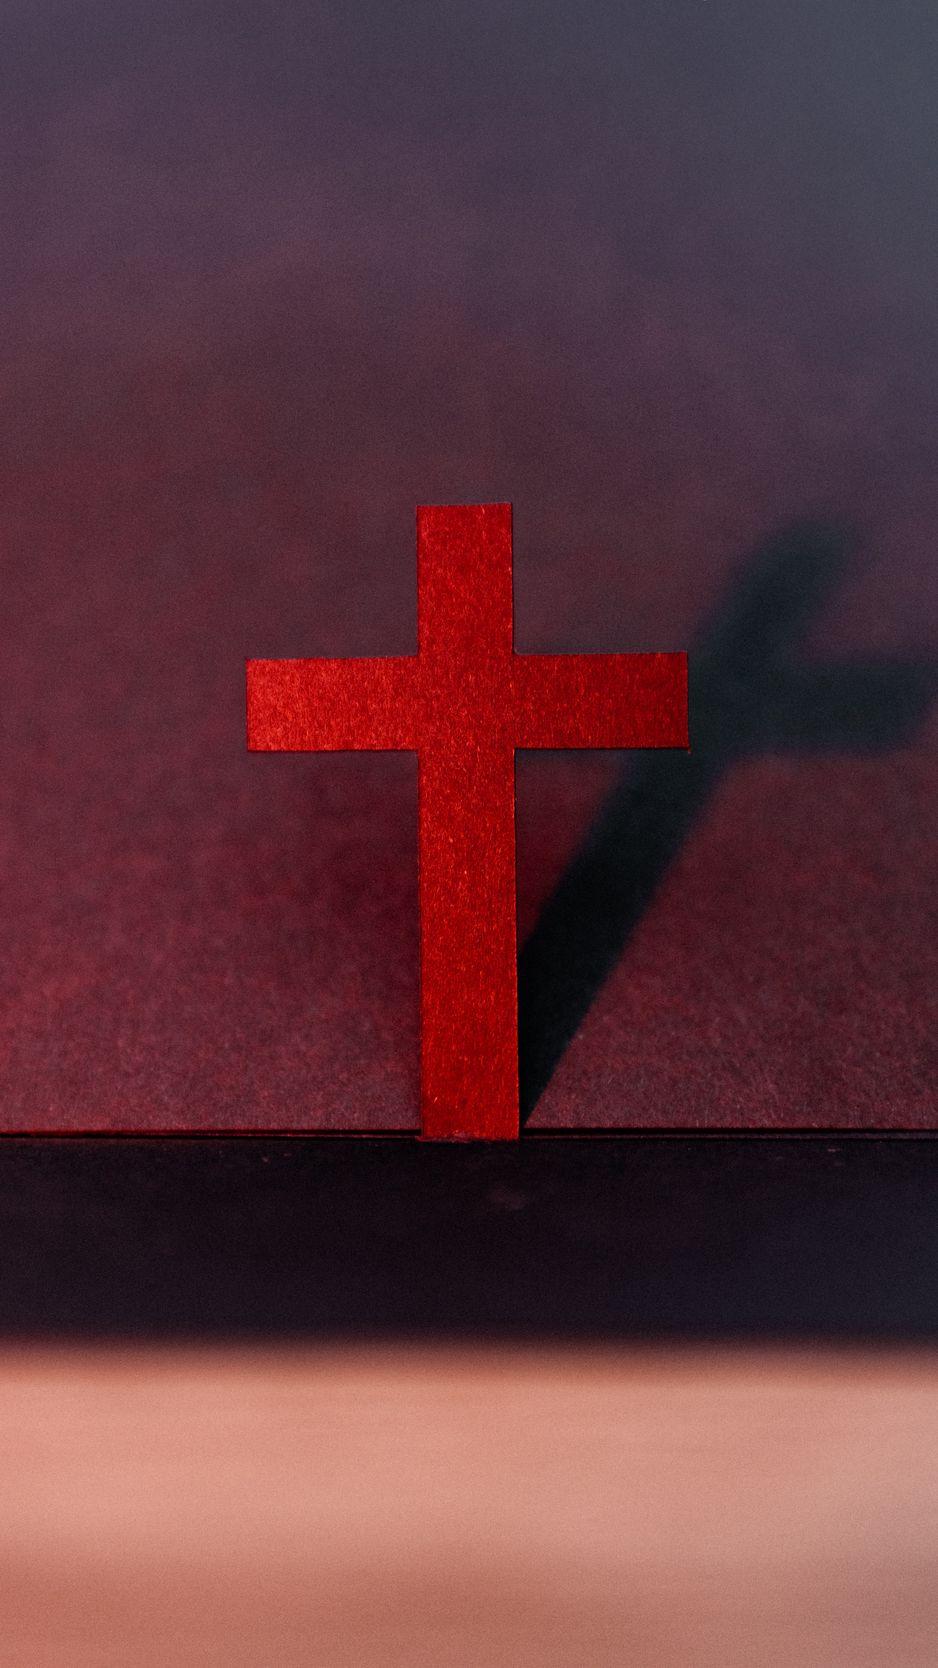 938x1668 Wallpaper cross, religion, god, red